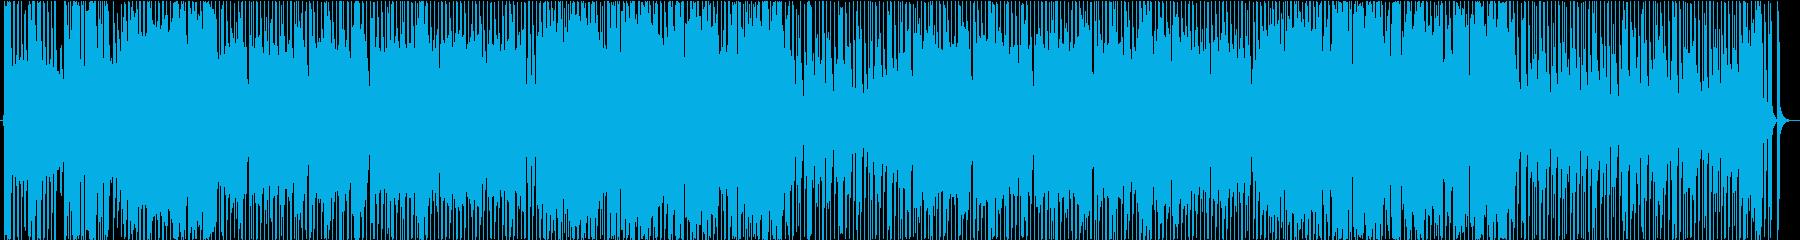 ポップで広がりのあるピコピコBGMの再生済みの波形